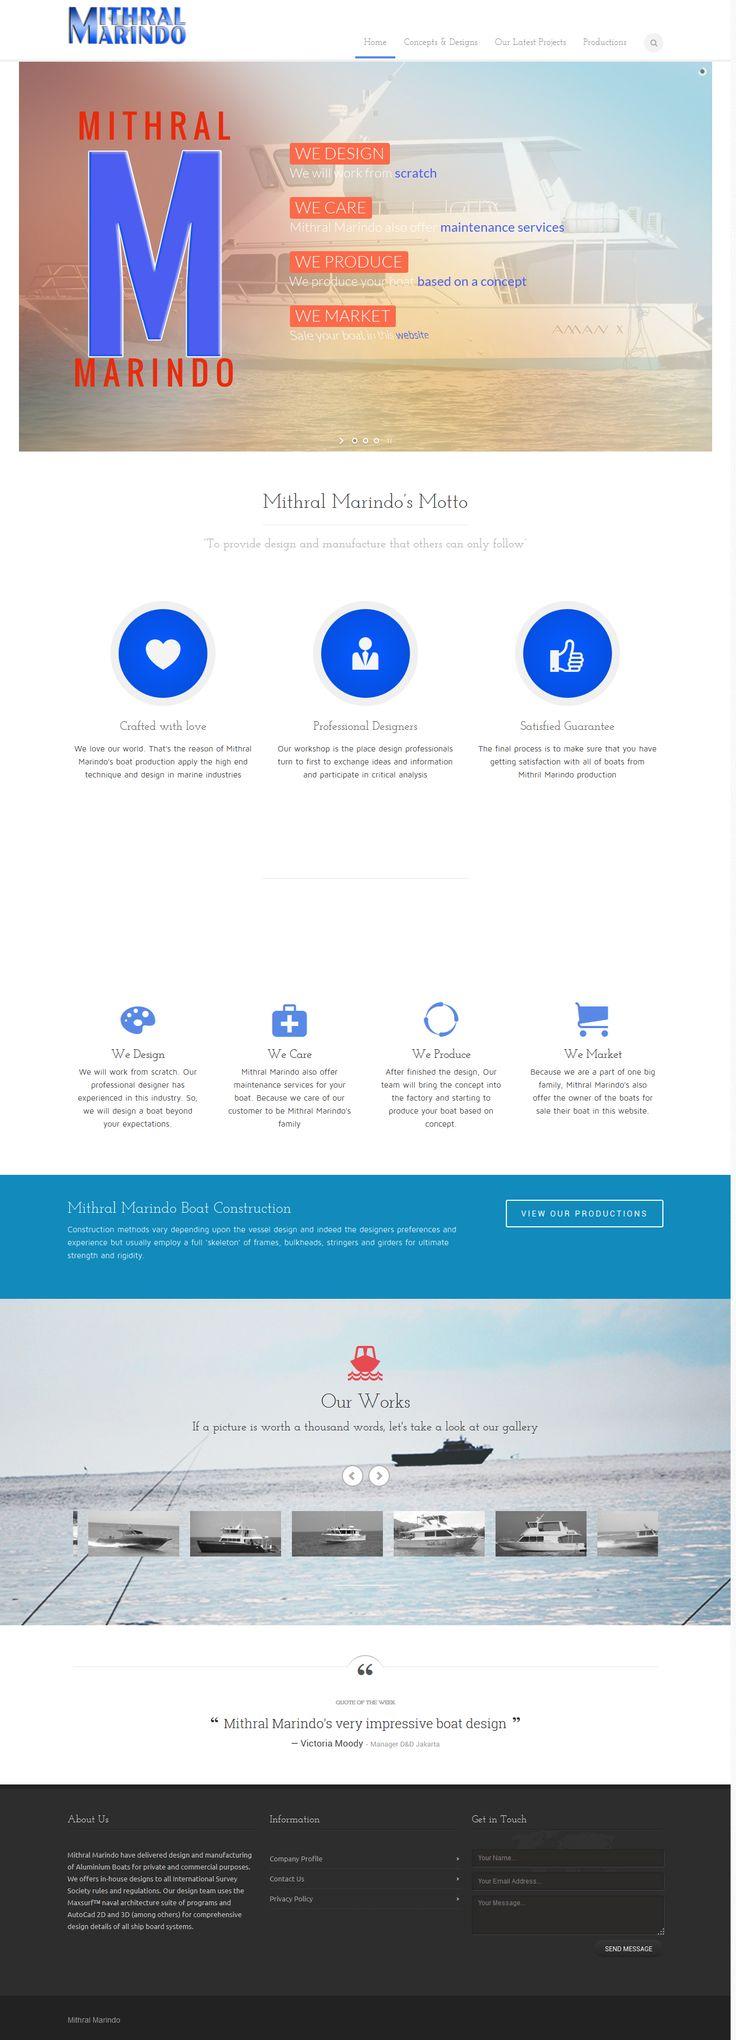 Sebuah website company profile untuk PT Trans Lombok yang bergerak dibidang sewa mobil di Lombok atau rental mobil lombok. Website http://www.translombok.co.id digunakan untuk pemasaran bisnis transportasi mereka.